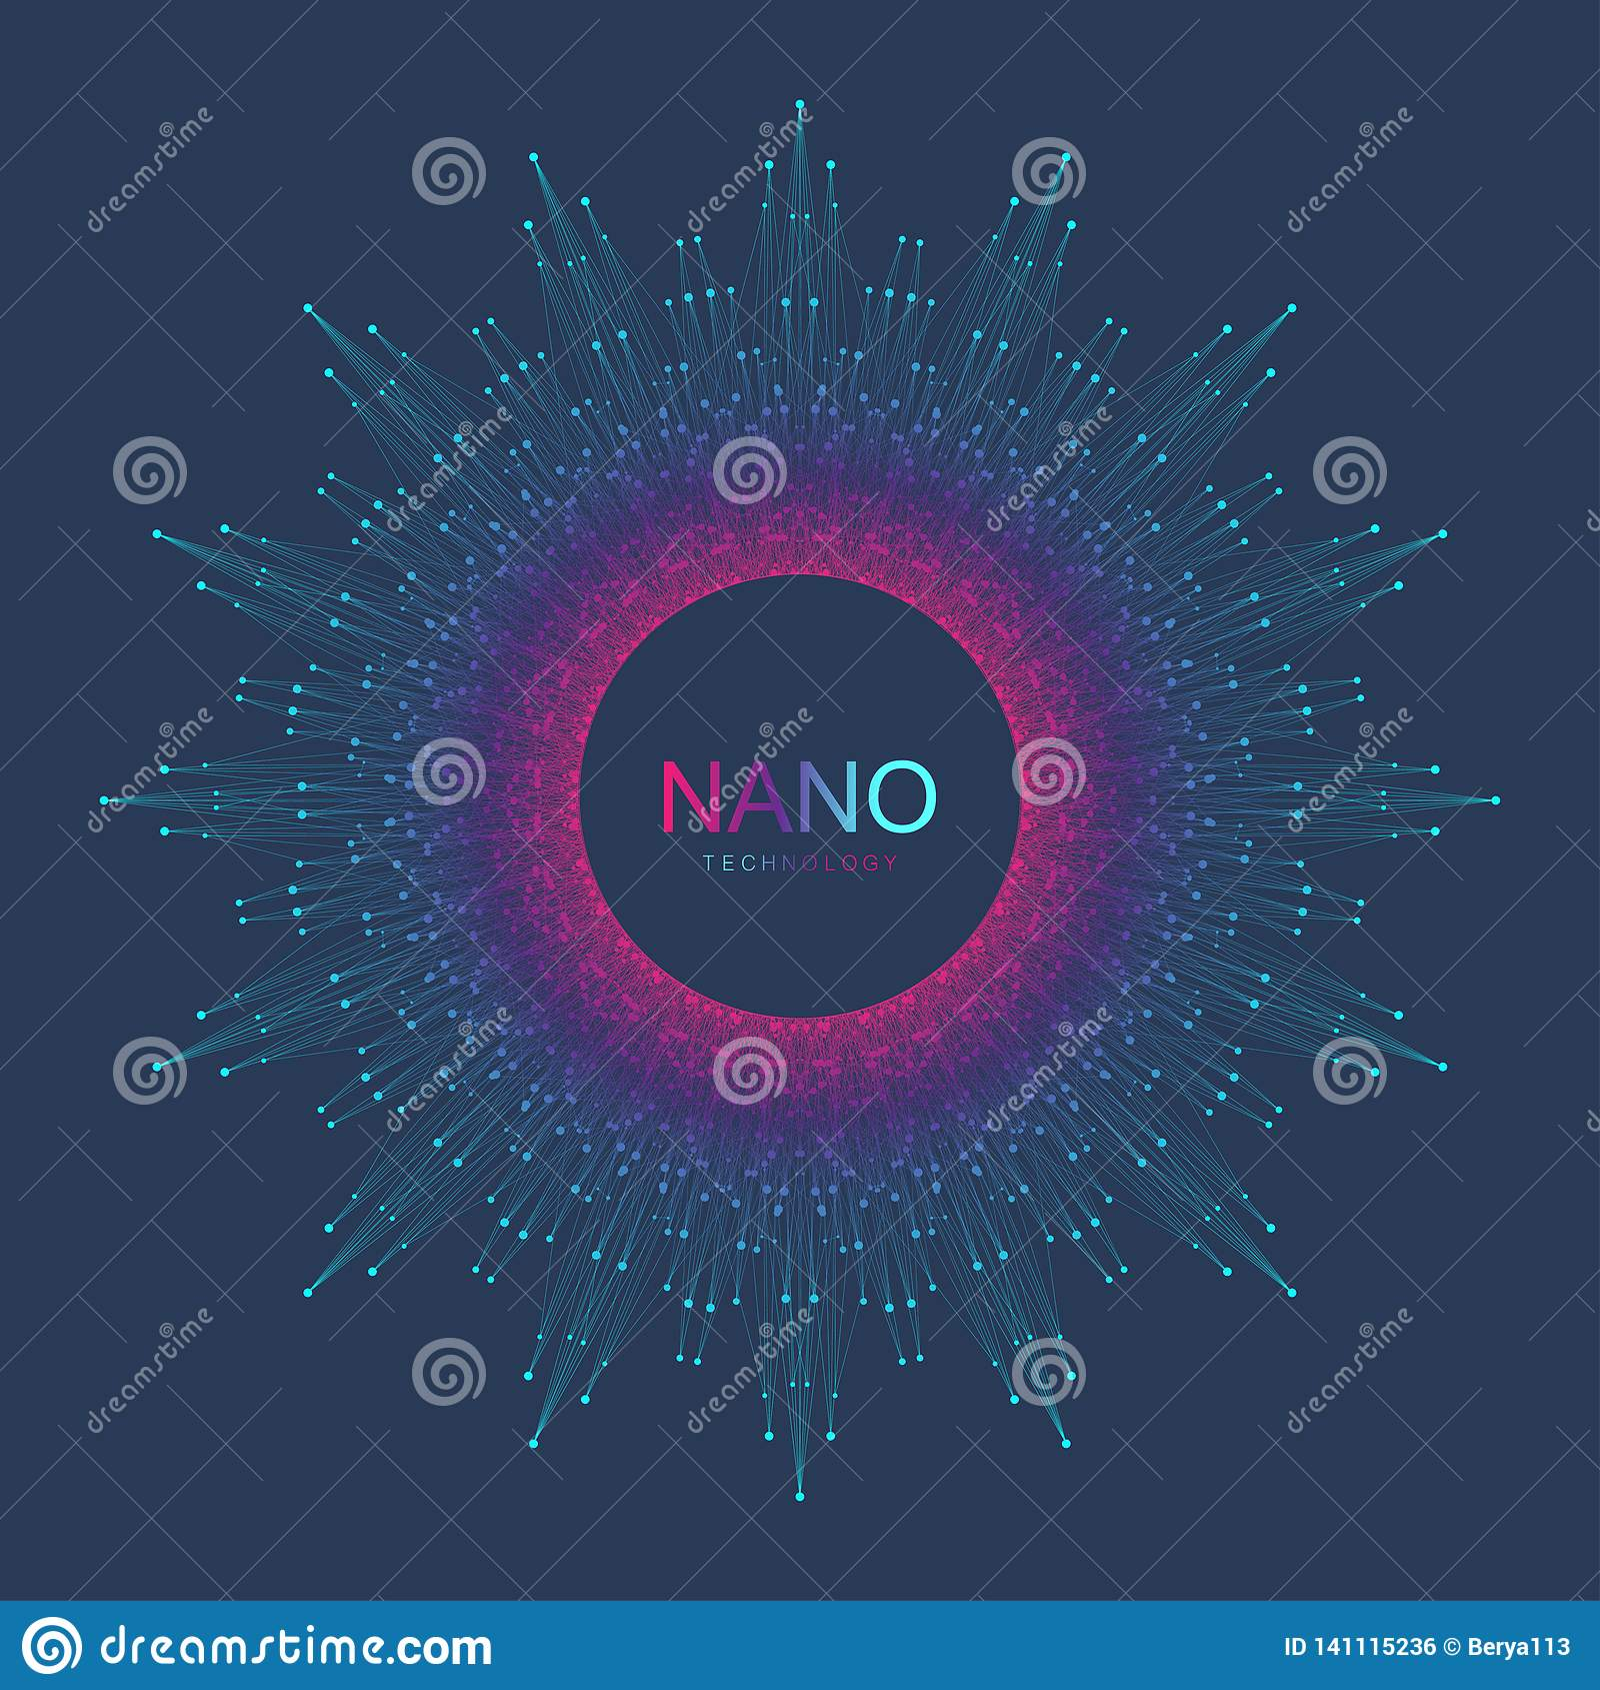 纳诺技术抽象背景 网络技术概念 人工智能,虚拟现实,仿生学